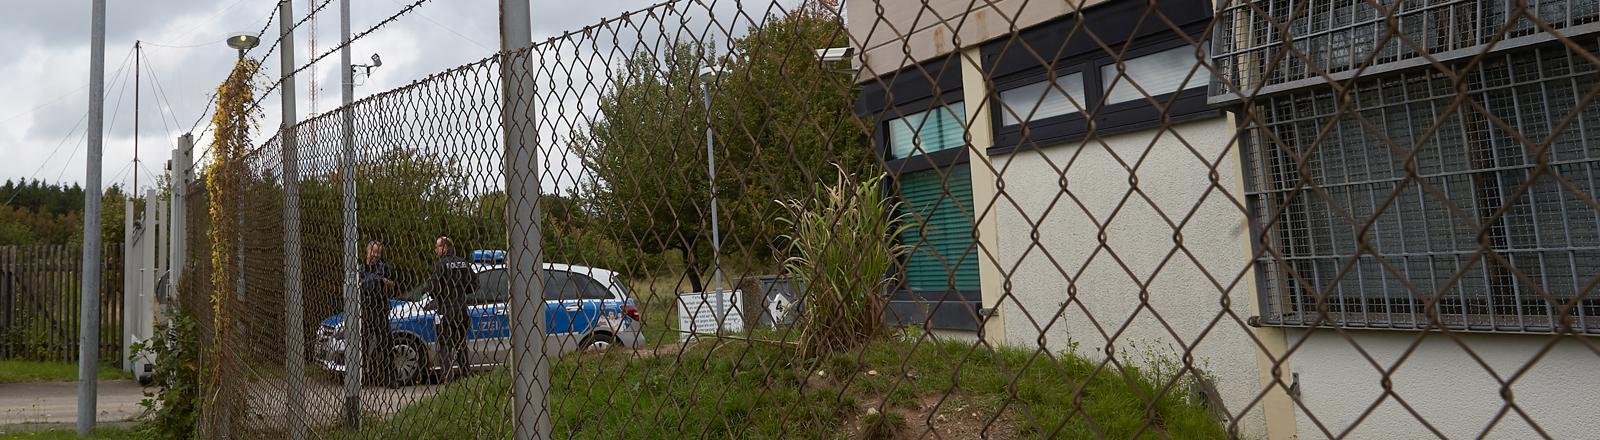 Polizisten sichern das Gelände eines ehemaligen Bundeswehr-Bunkers. Dort wurde ein Rechenzentrum für illegale Geschäfte im Darknet ausgehoben.